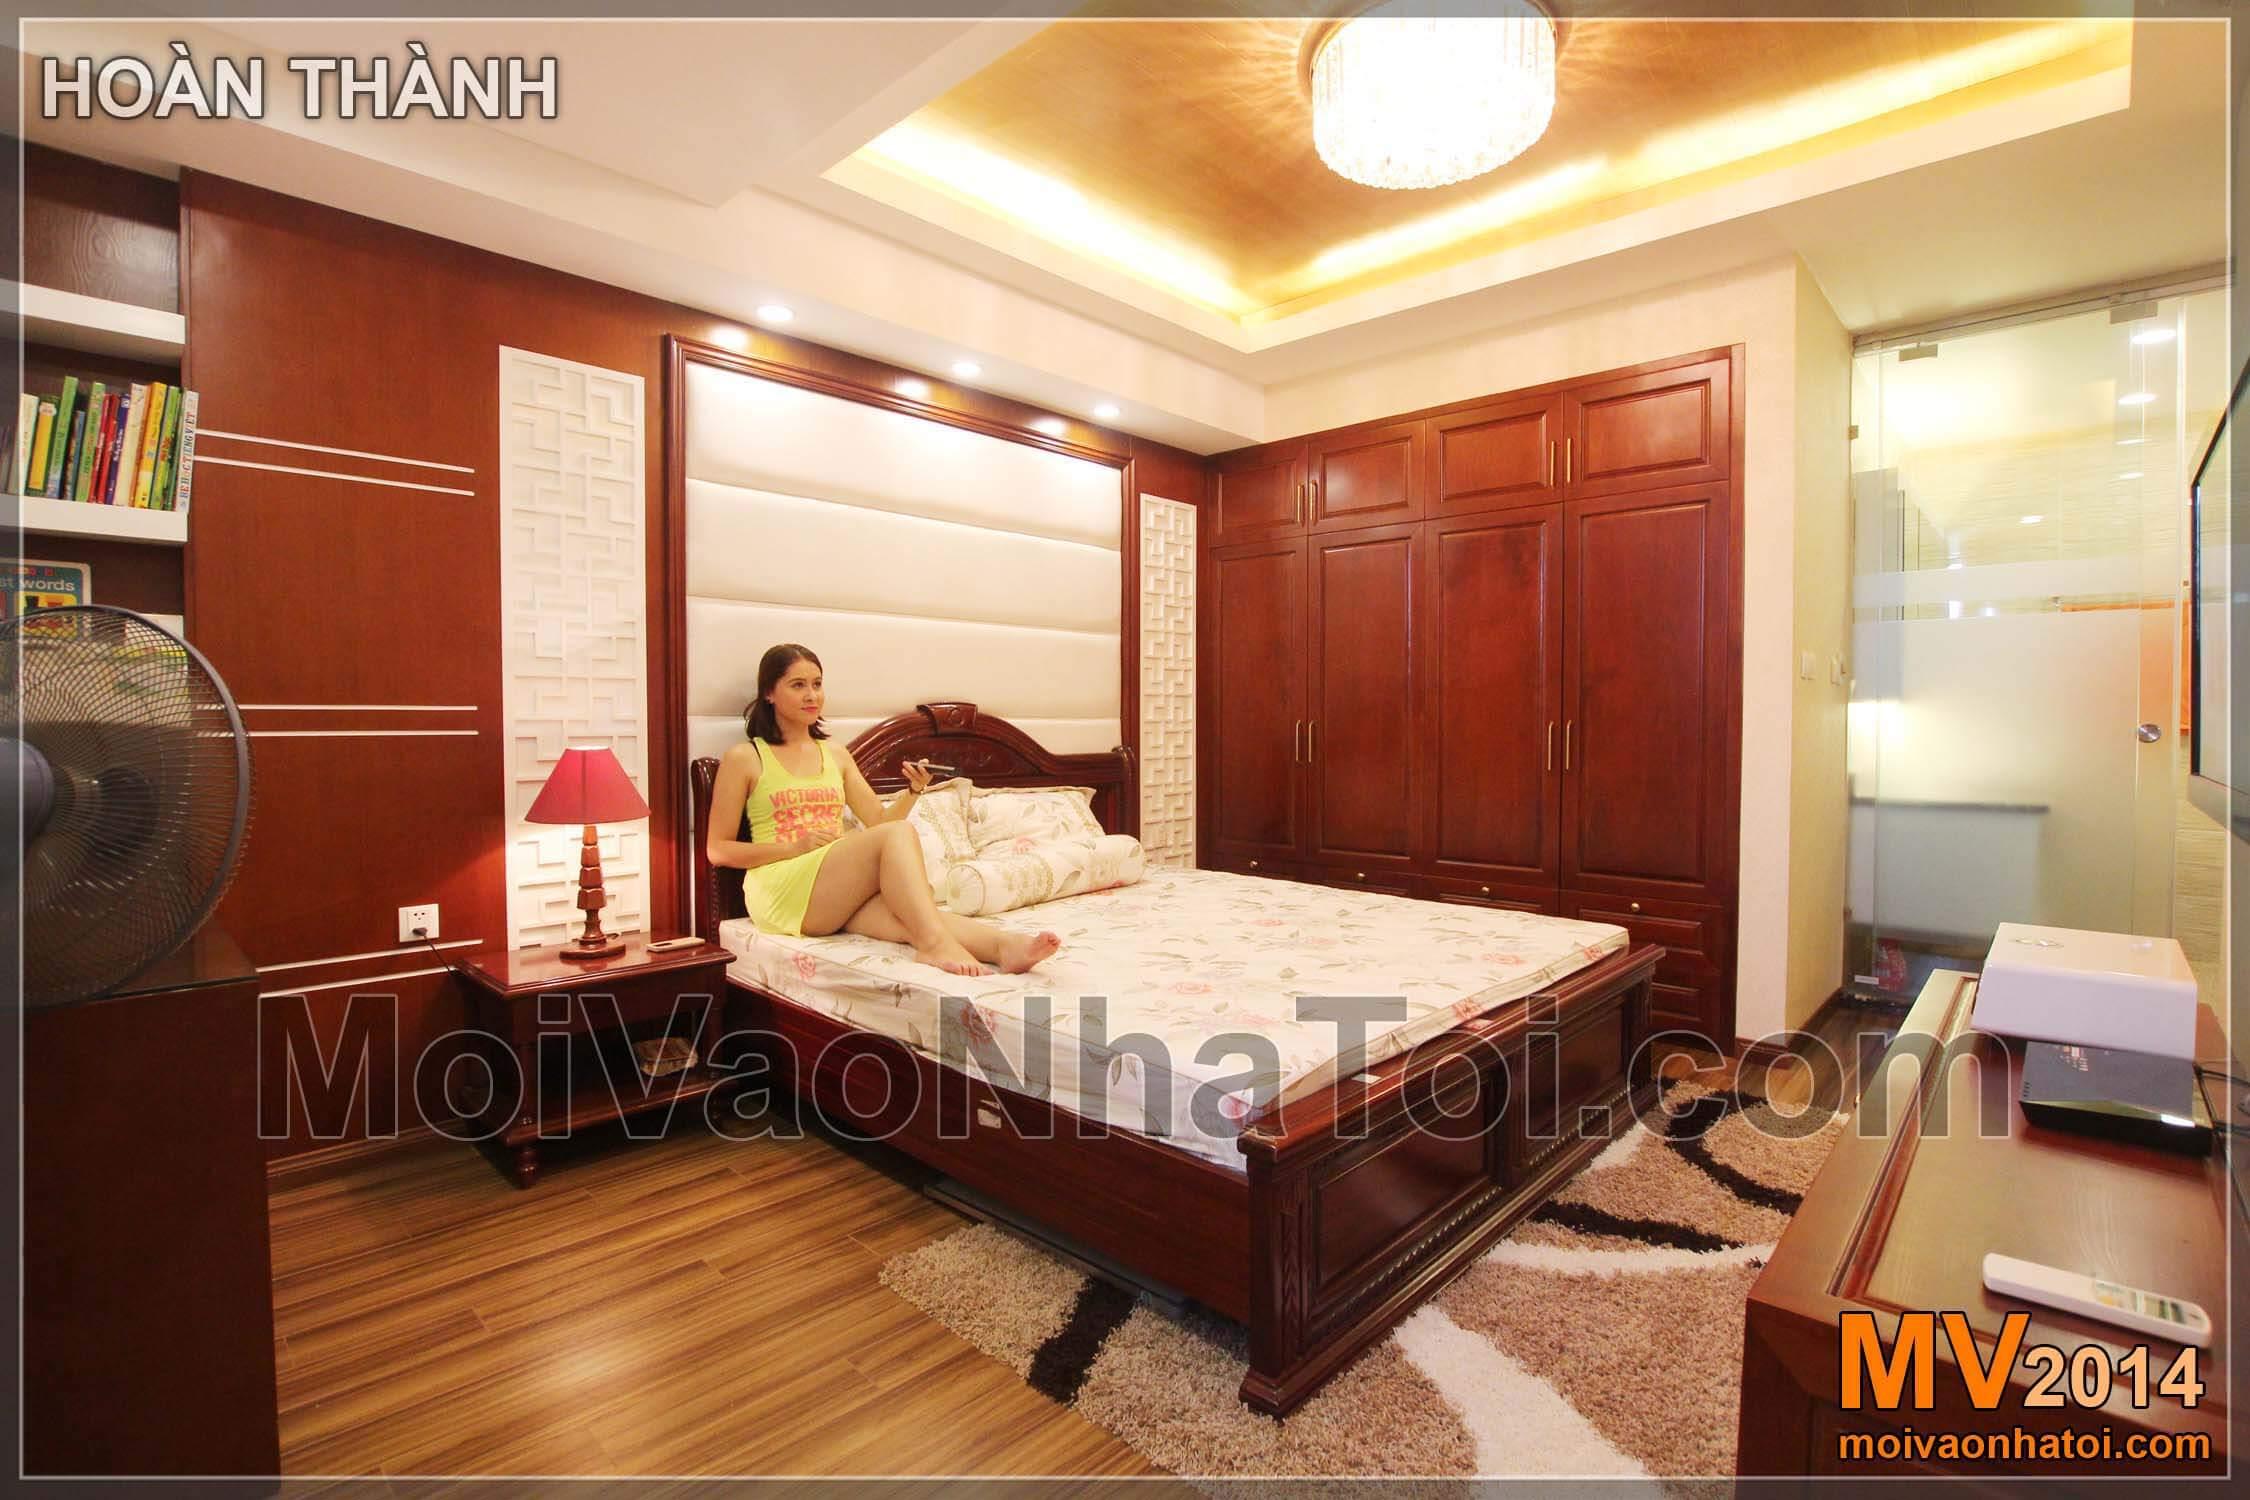 Chung cư Star City Đầu giường kiểu cổ điển, tạo bởi các chất liệu Ốp da, CNC, Ốp gỗ